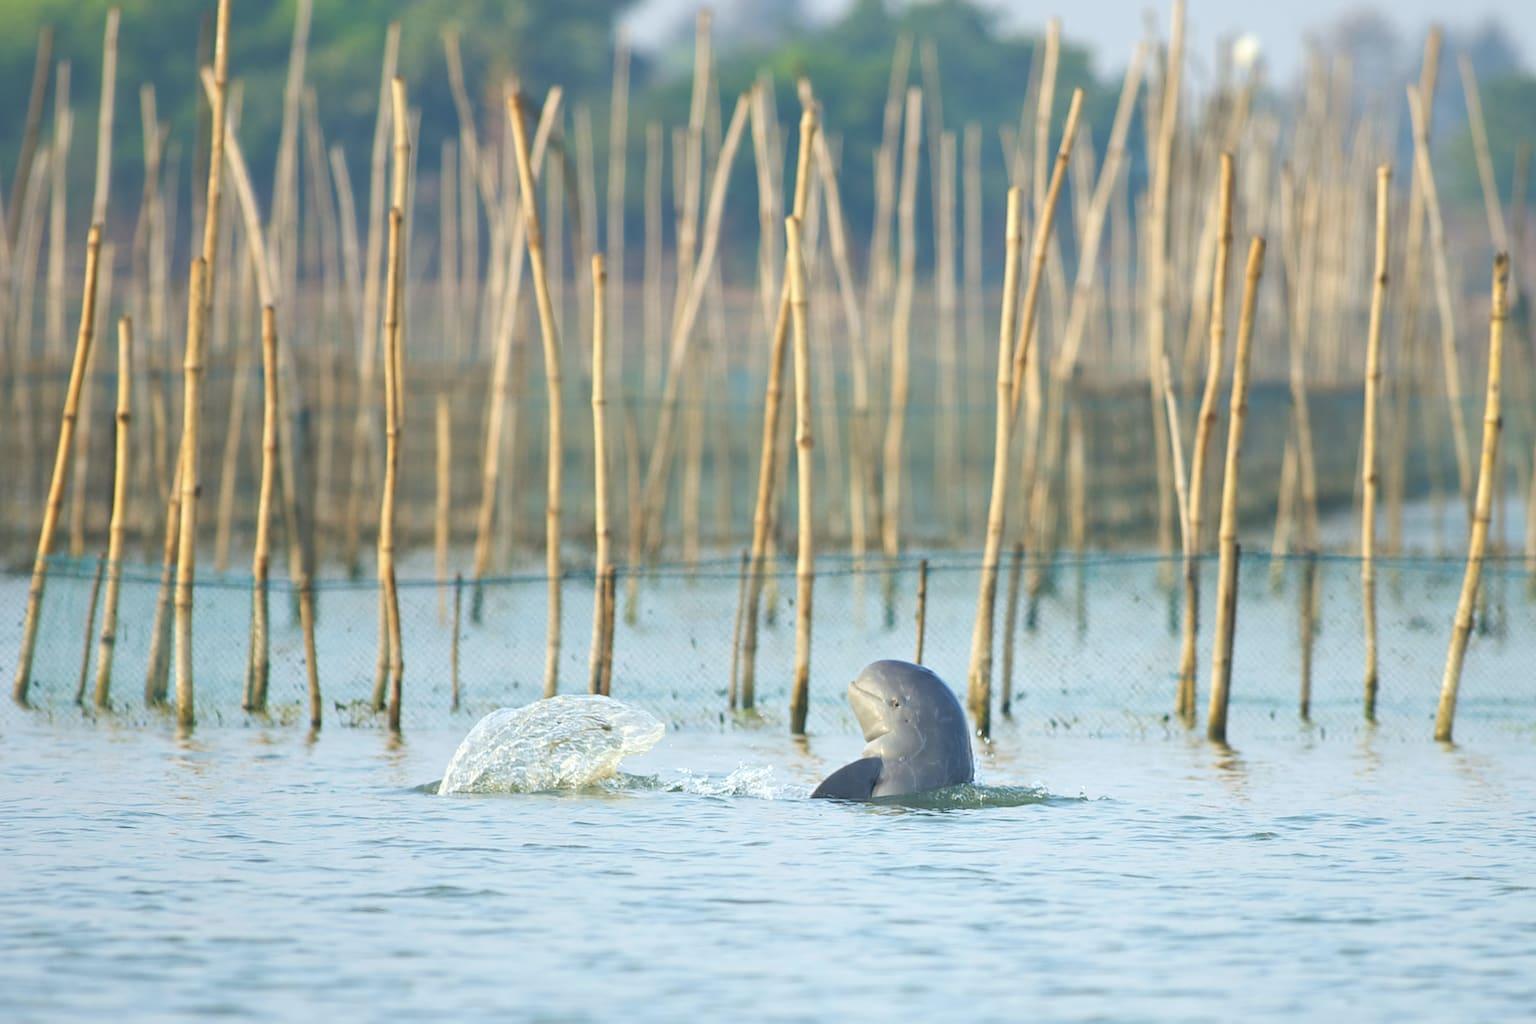 Irrawaddy dolphin at Chilika lake